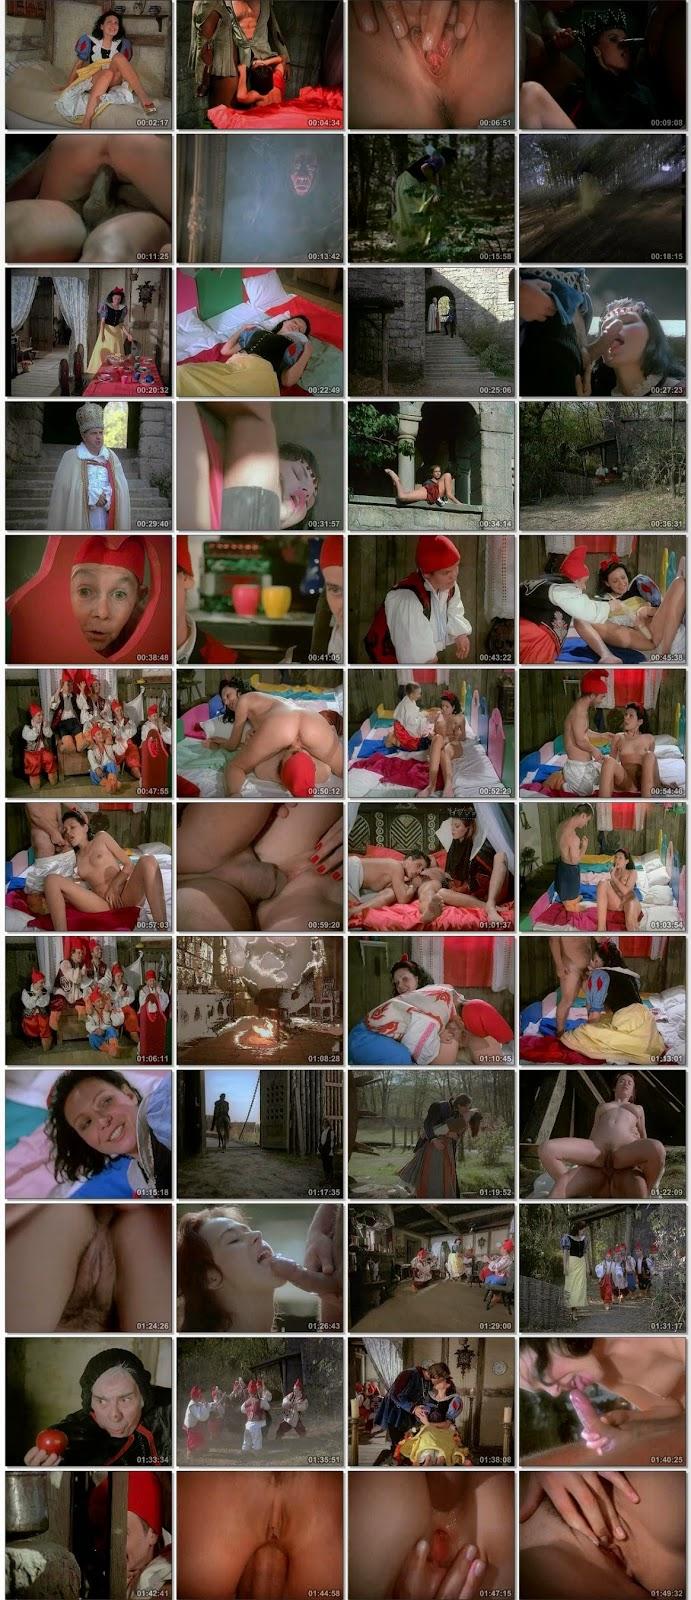 Dwarfs Sex Video 39